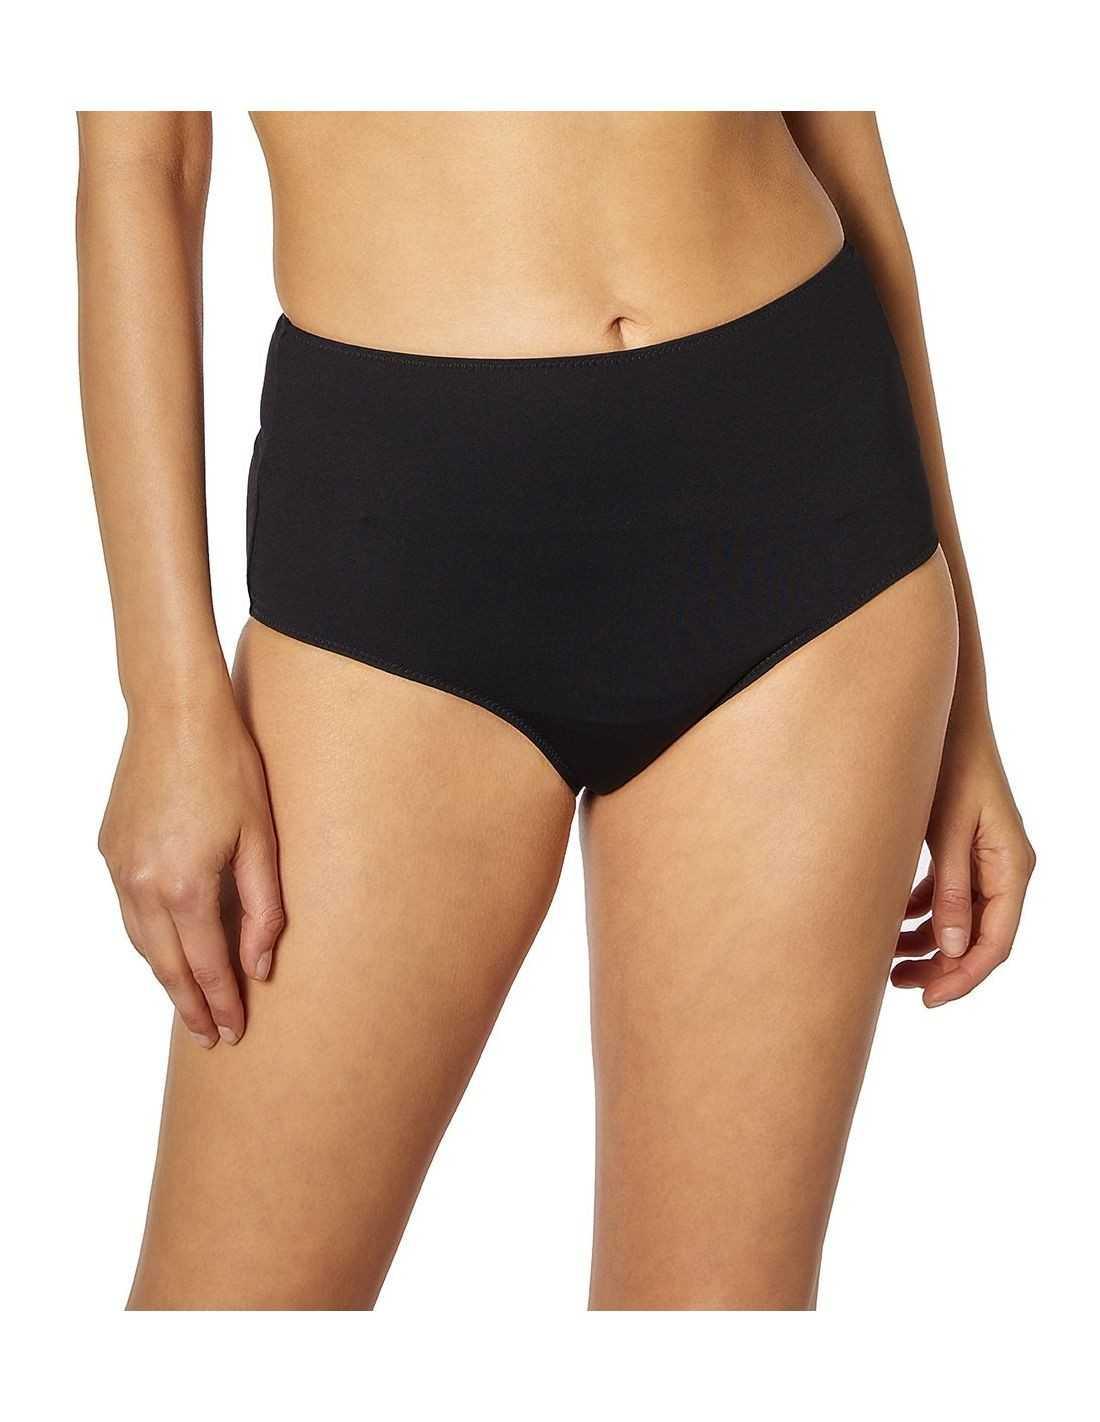 Braga alta bikini Red Point especial lili COLOR: negro; TALLAS: 38, 40  - BAÑO  - PEPI GUERRA